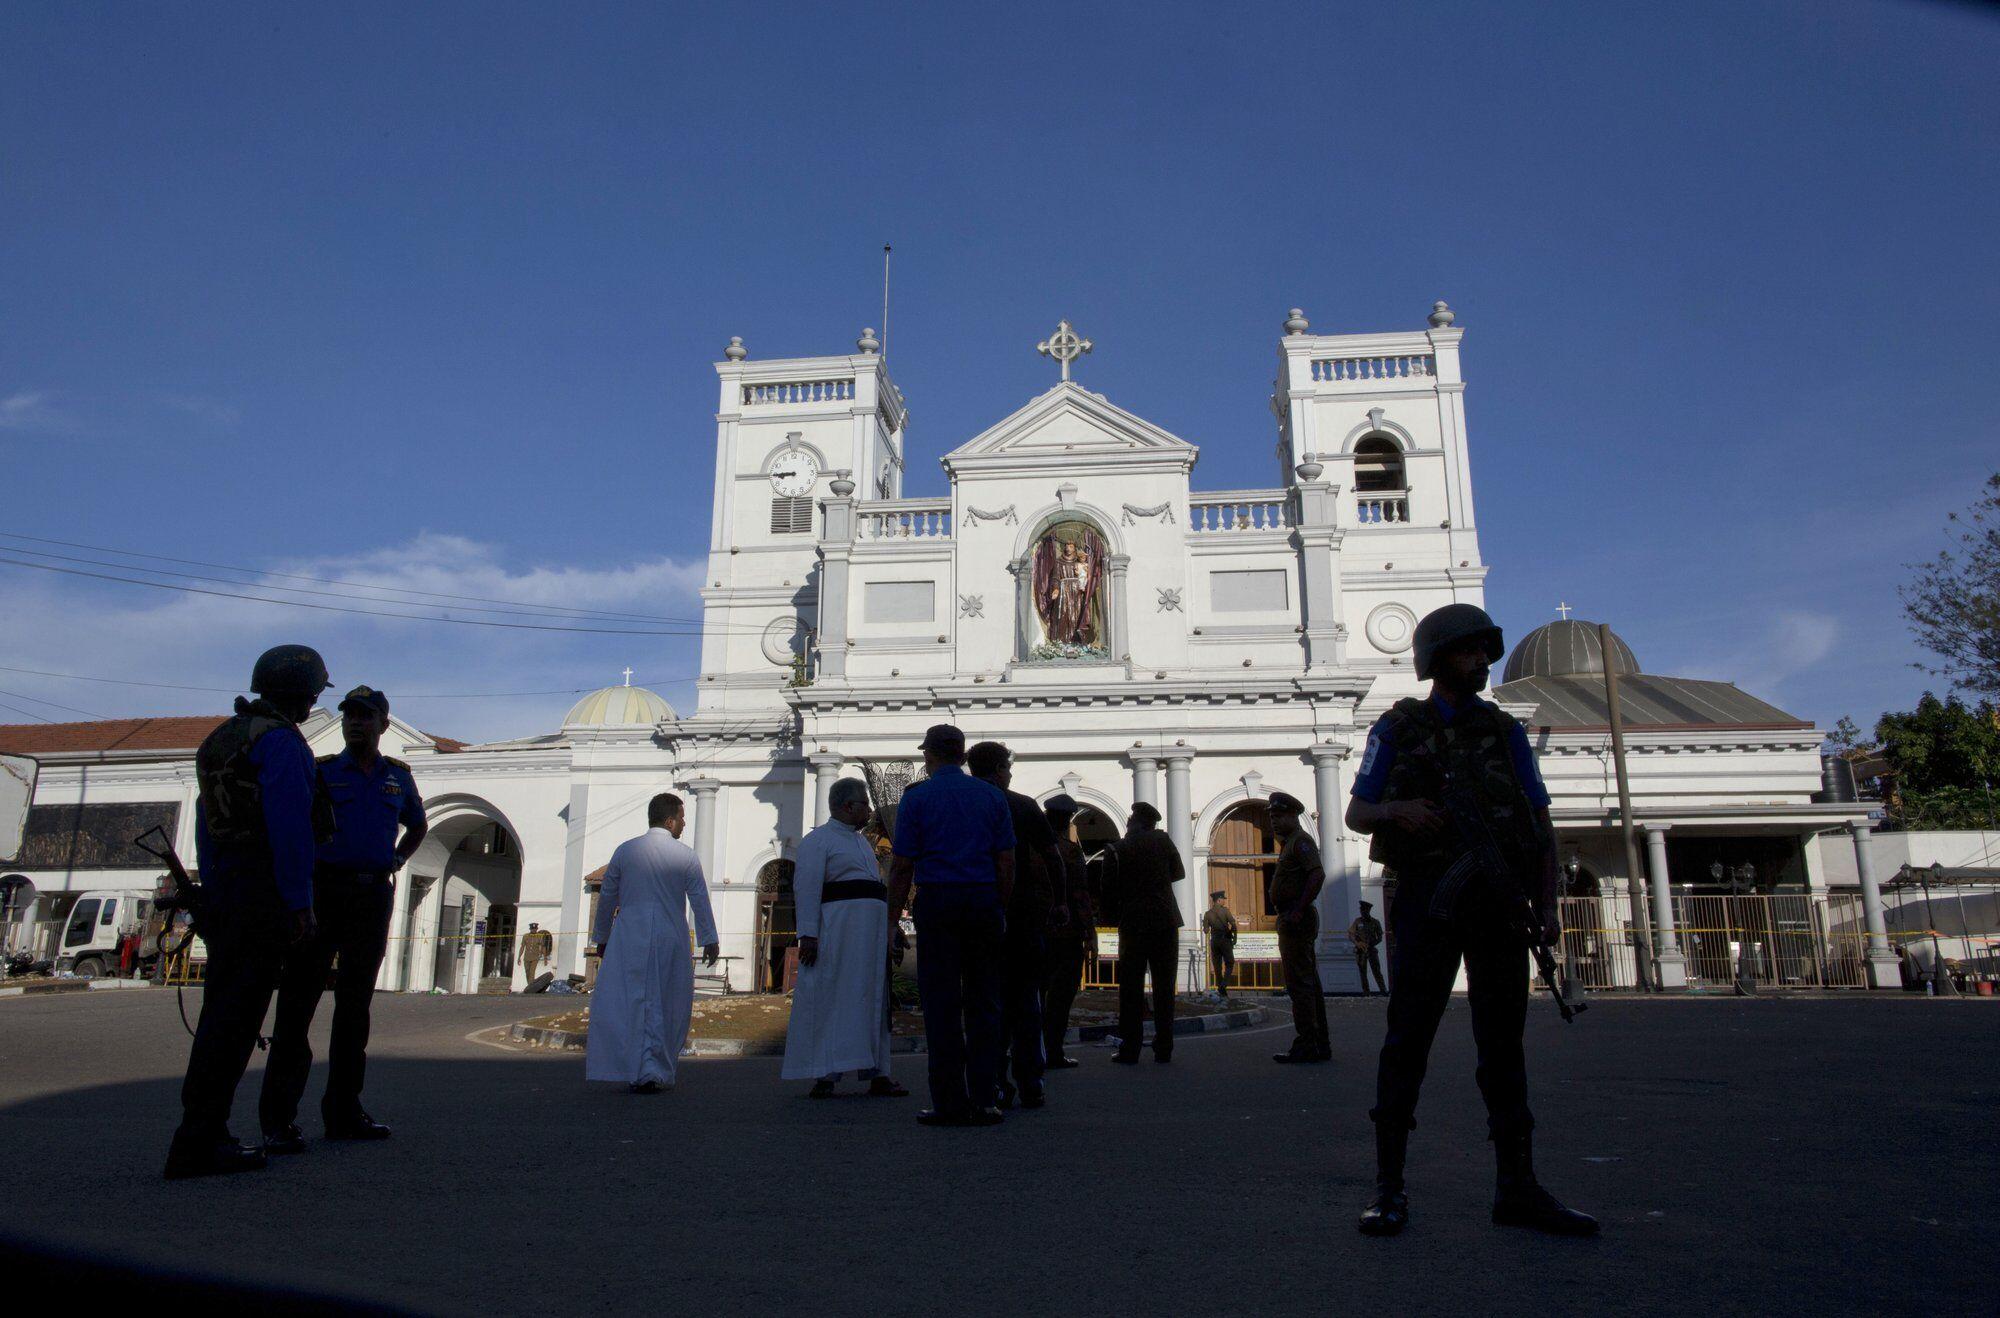 1号站:1号站:斯系列爆炸案死亡人数上升至310人 政府宣布4月23日为全国哀悼日